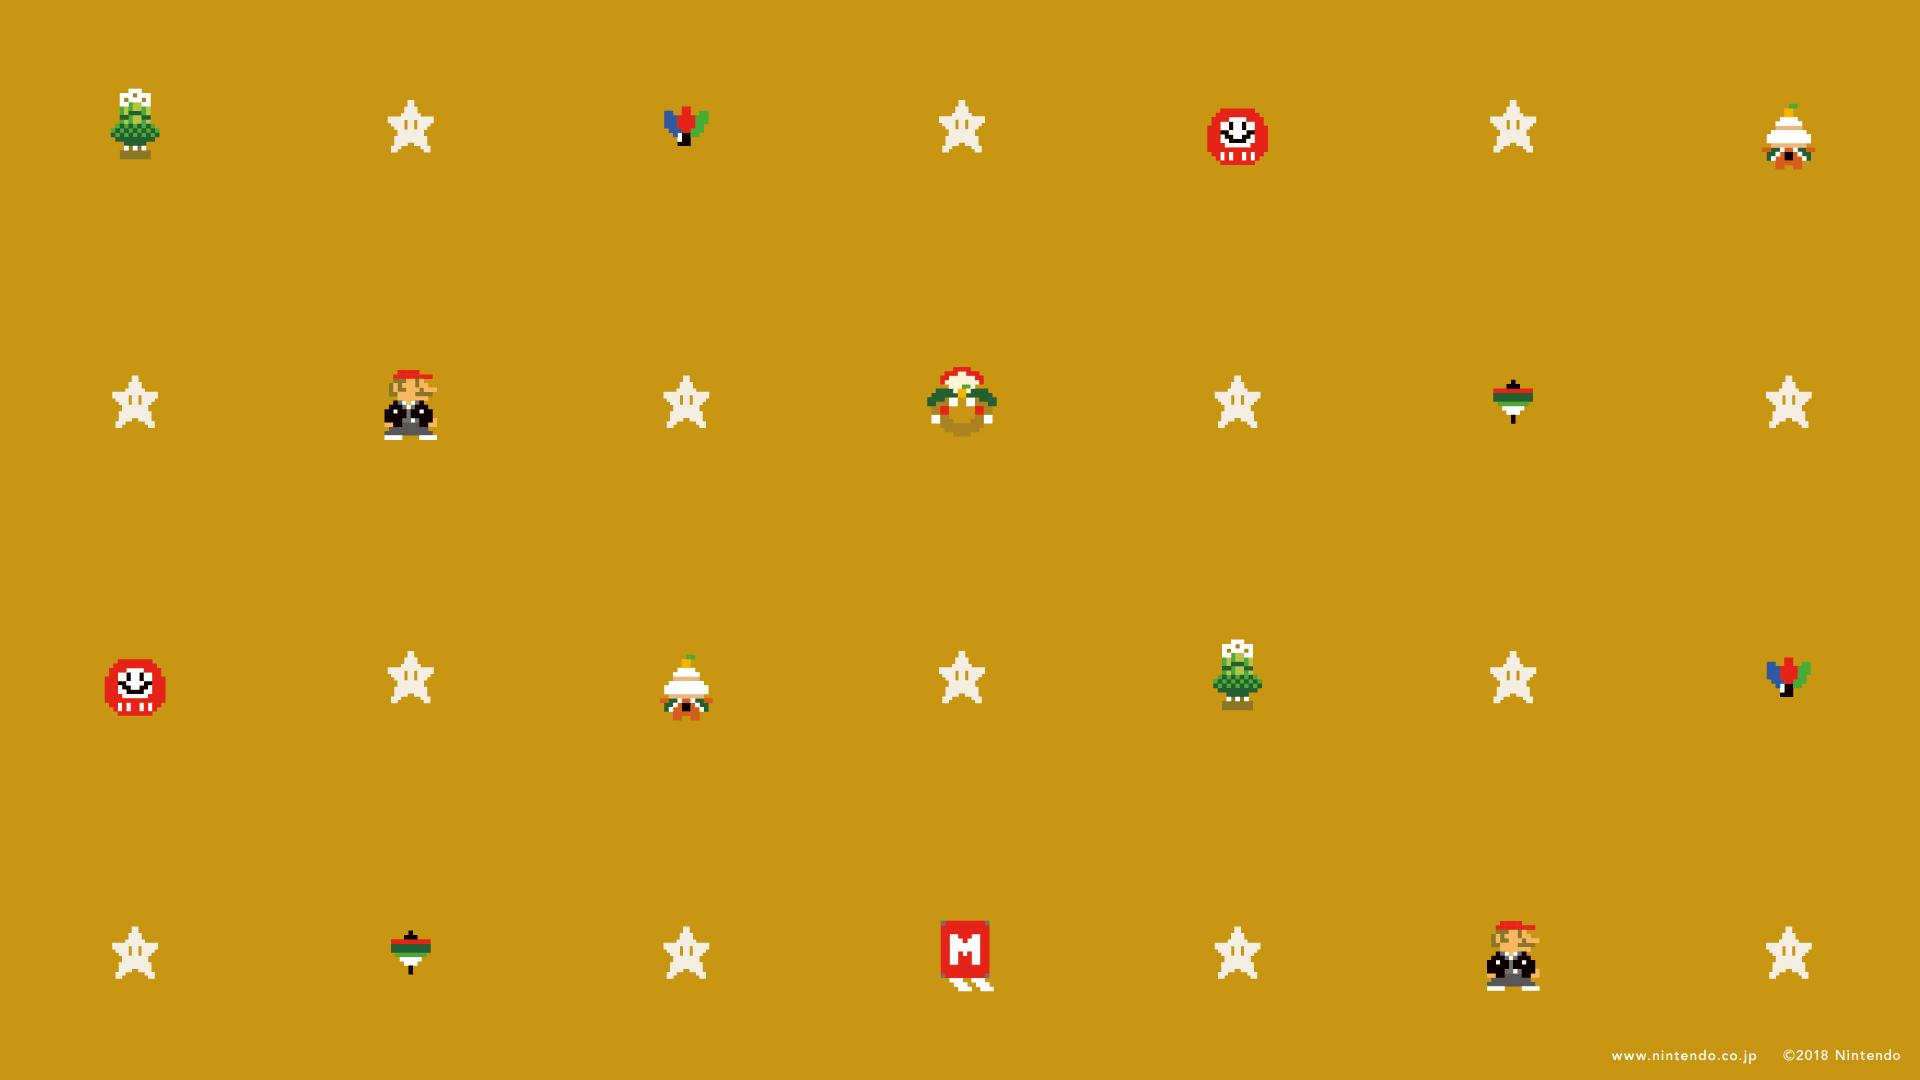 16 Bit Nintendo Pixel Art Super Mario Kart 1920x1080